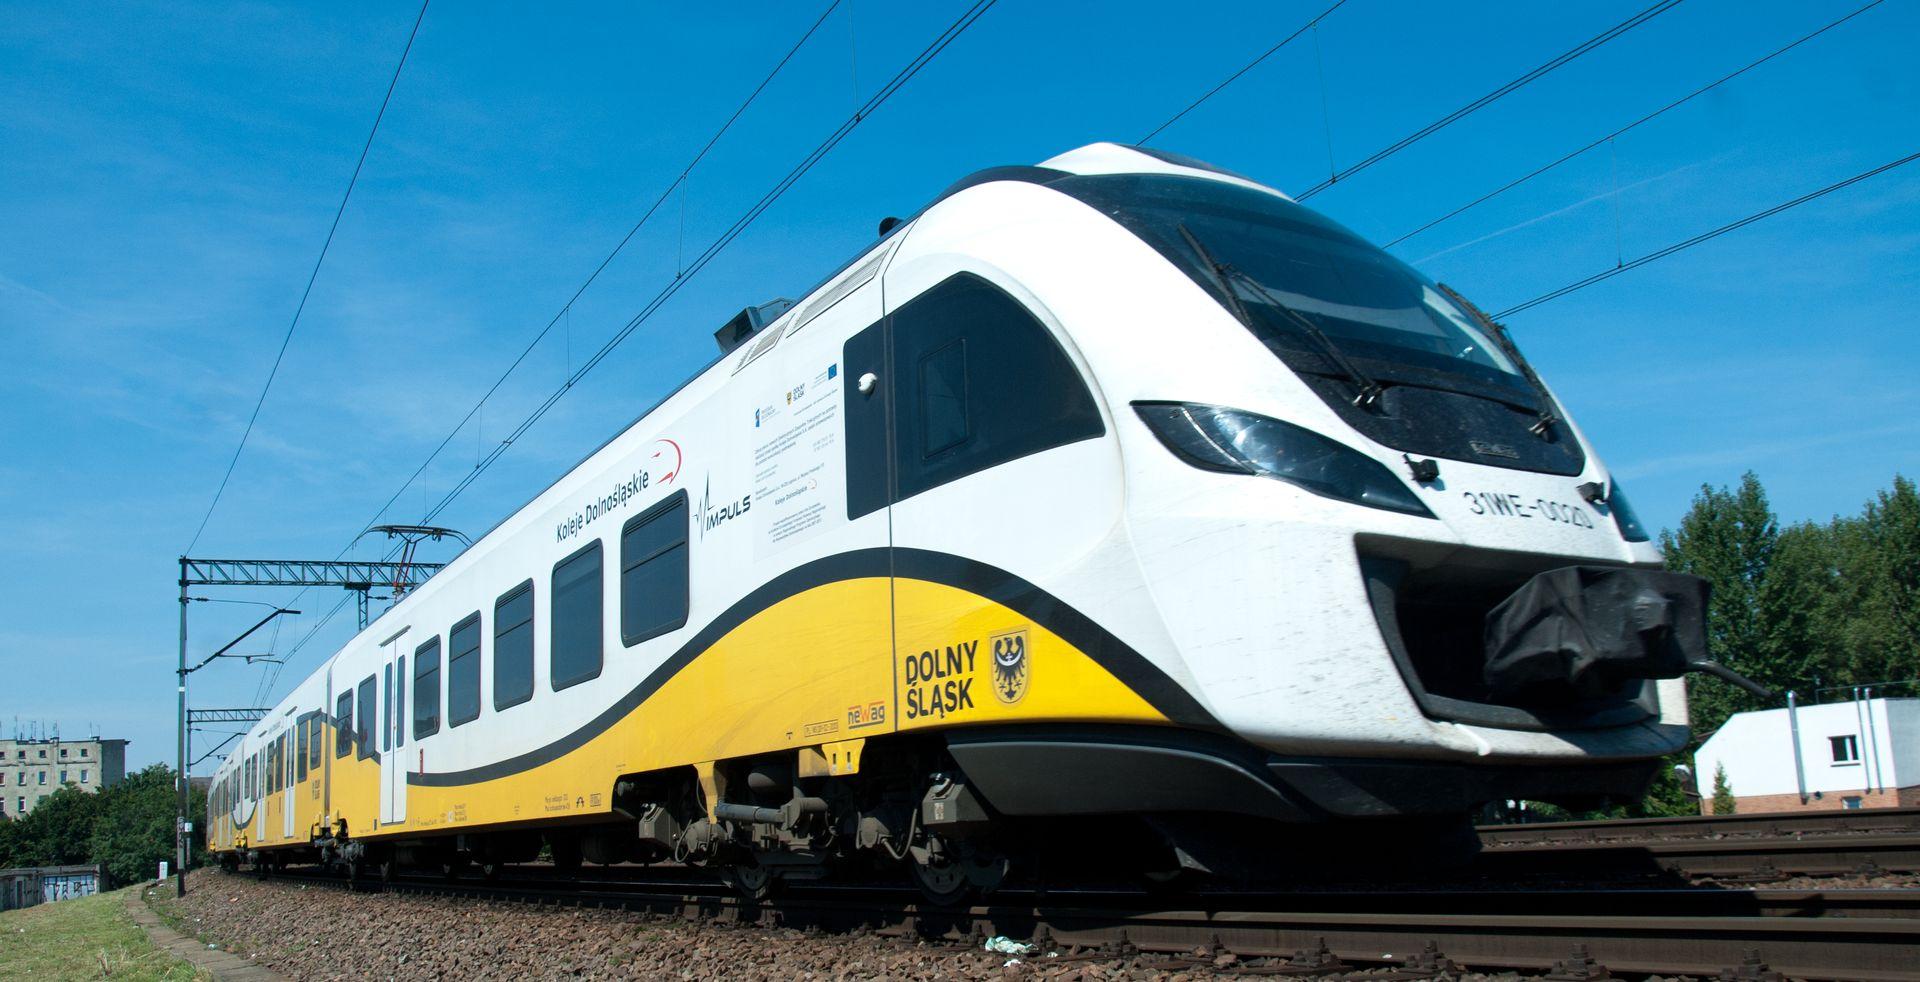 [Dolny Śląsk] Pociągiem do Jelcza i Sobótki.  Trwają prace nad koleją aglomeracyjną